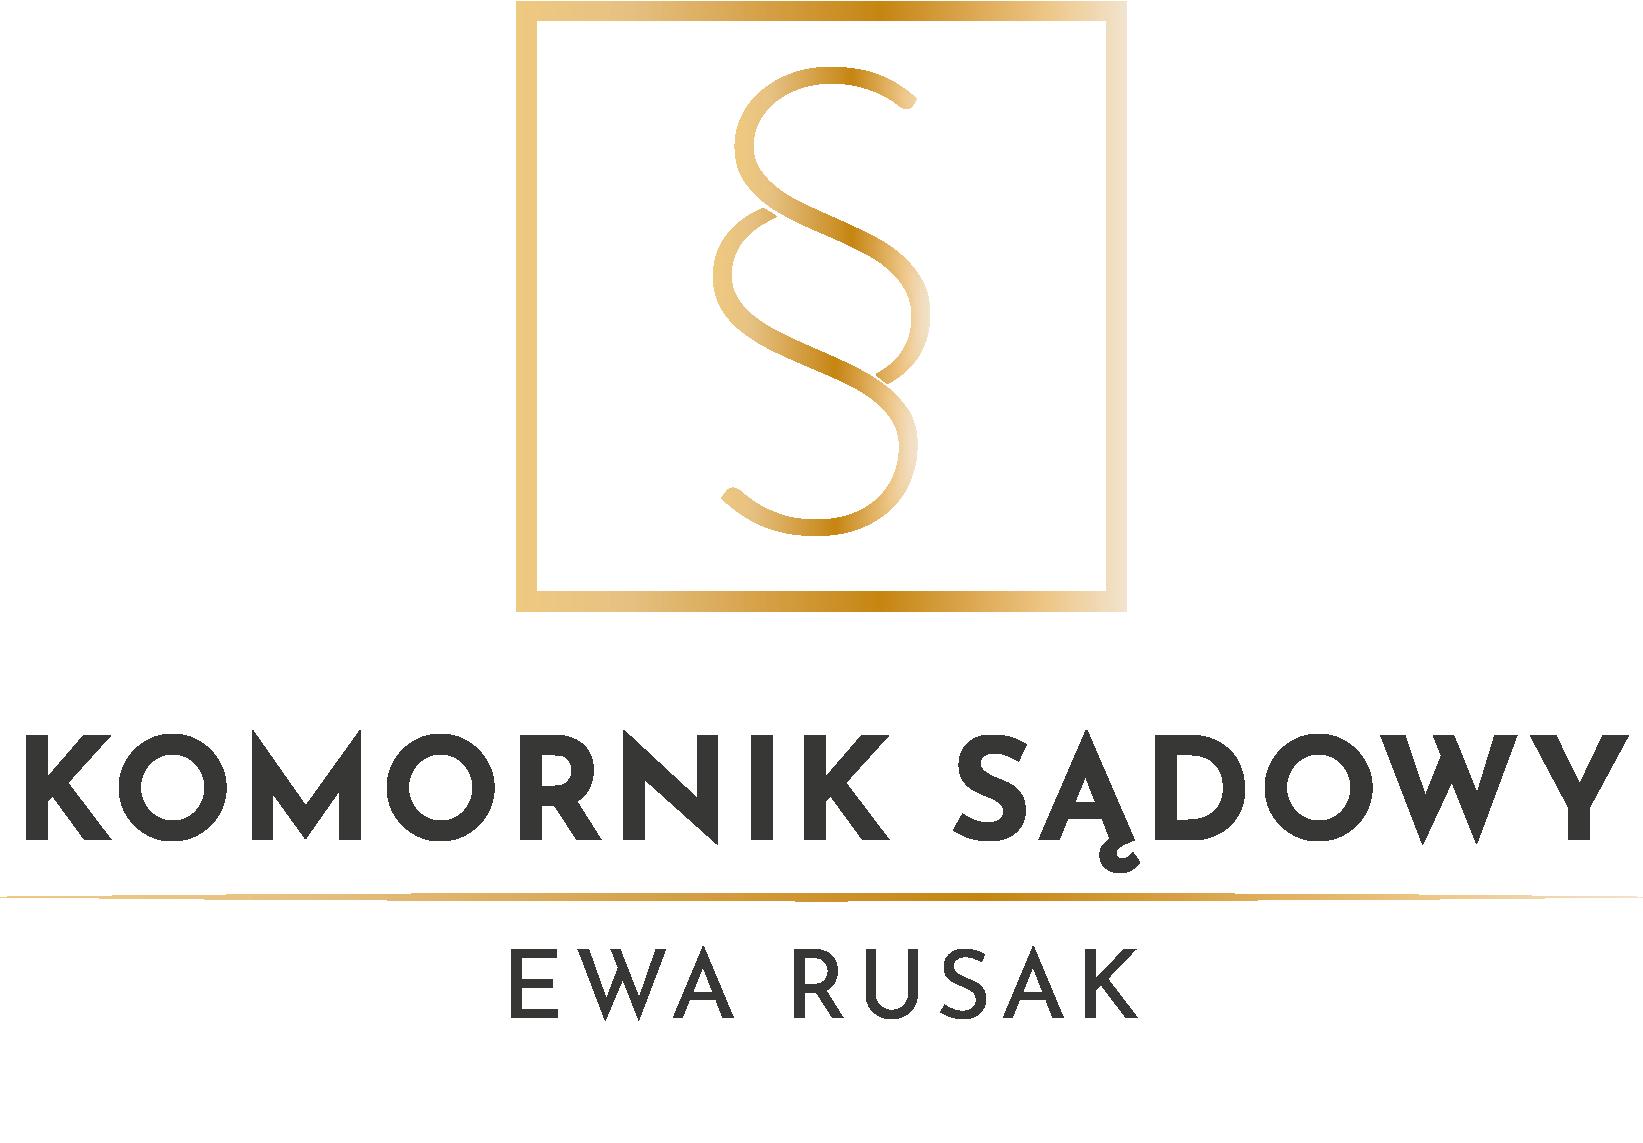 Komornik Ewa Rusak - logo